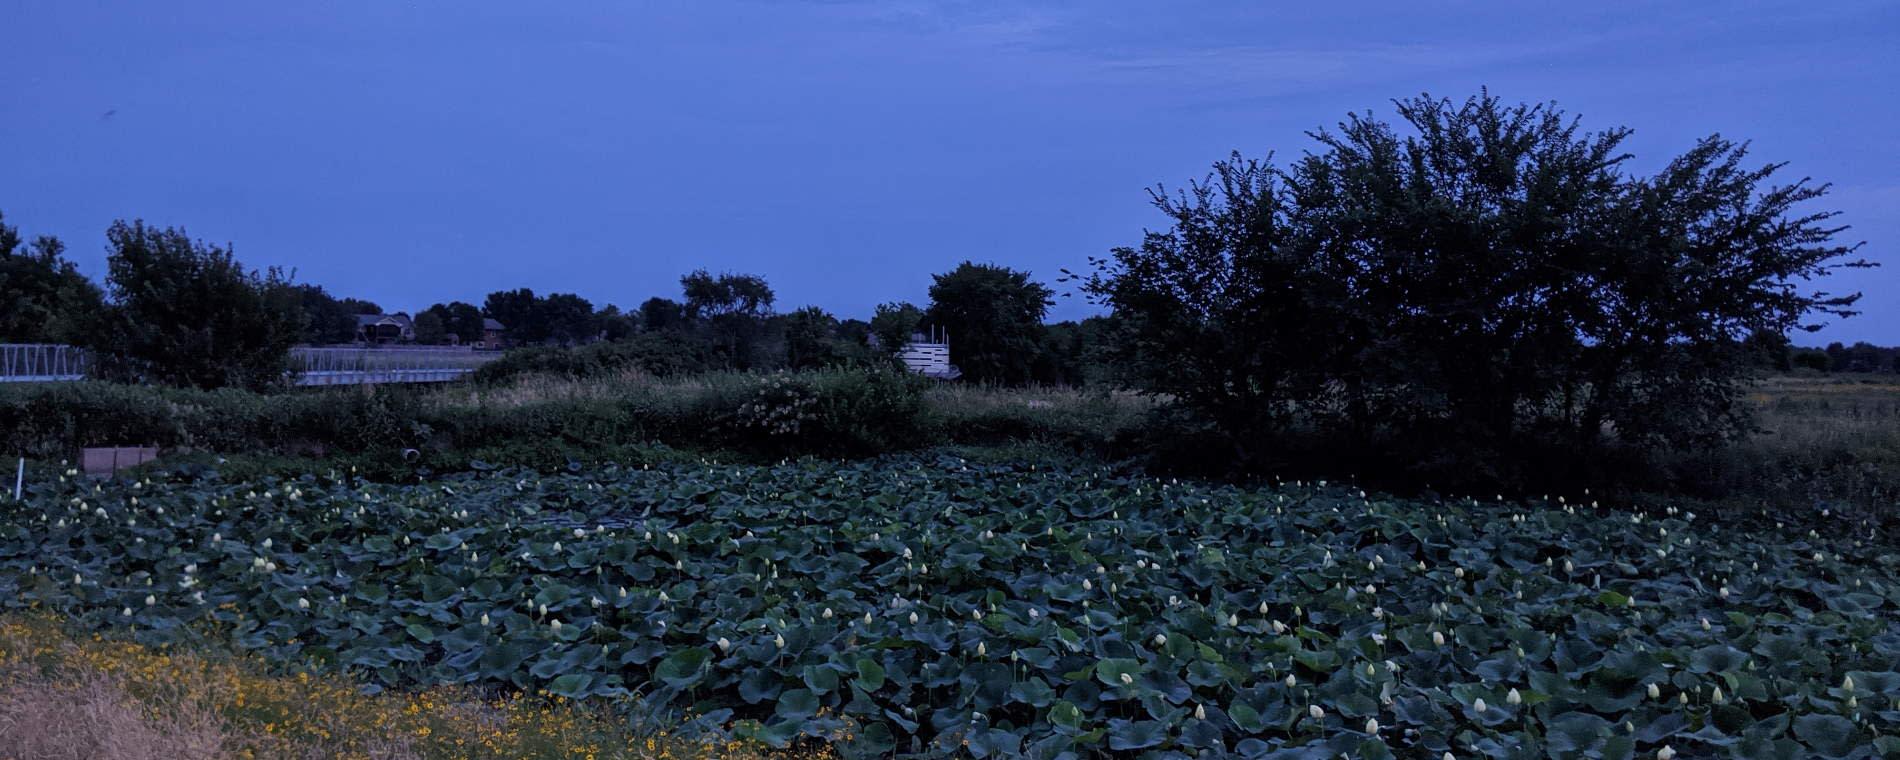 Pracht Wetlands Wichita